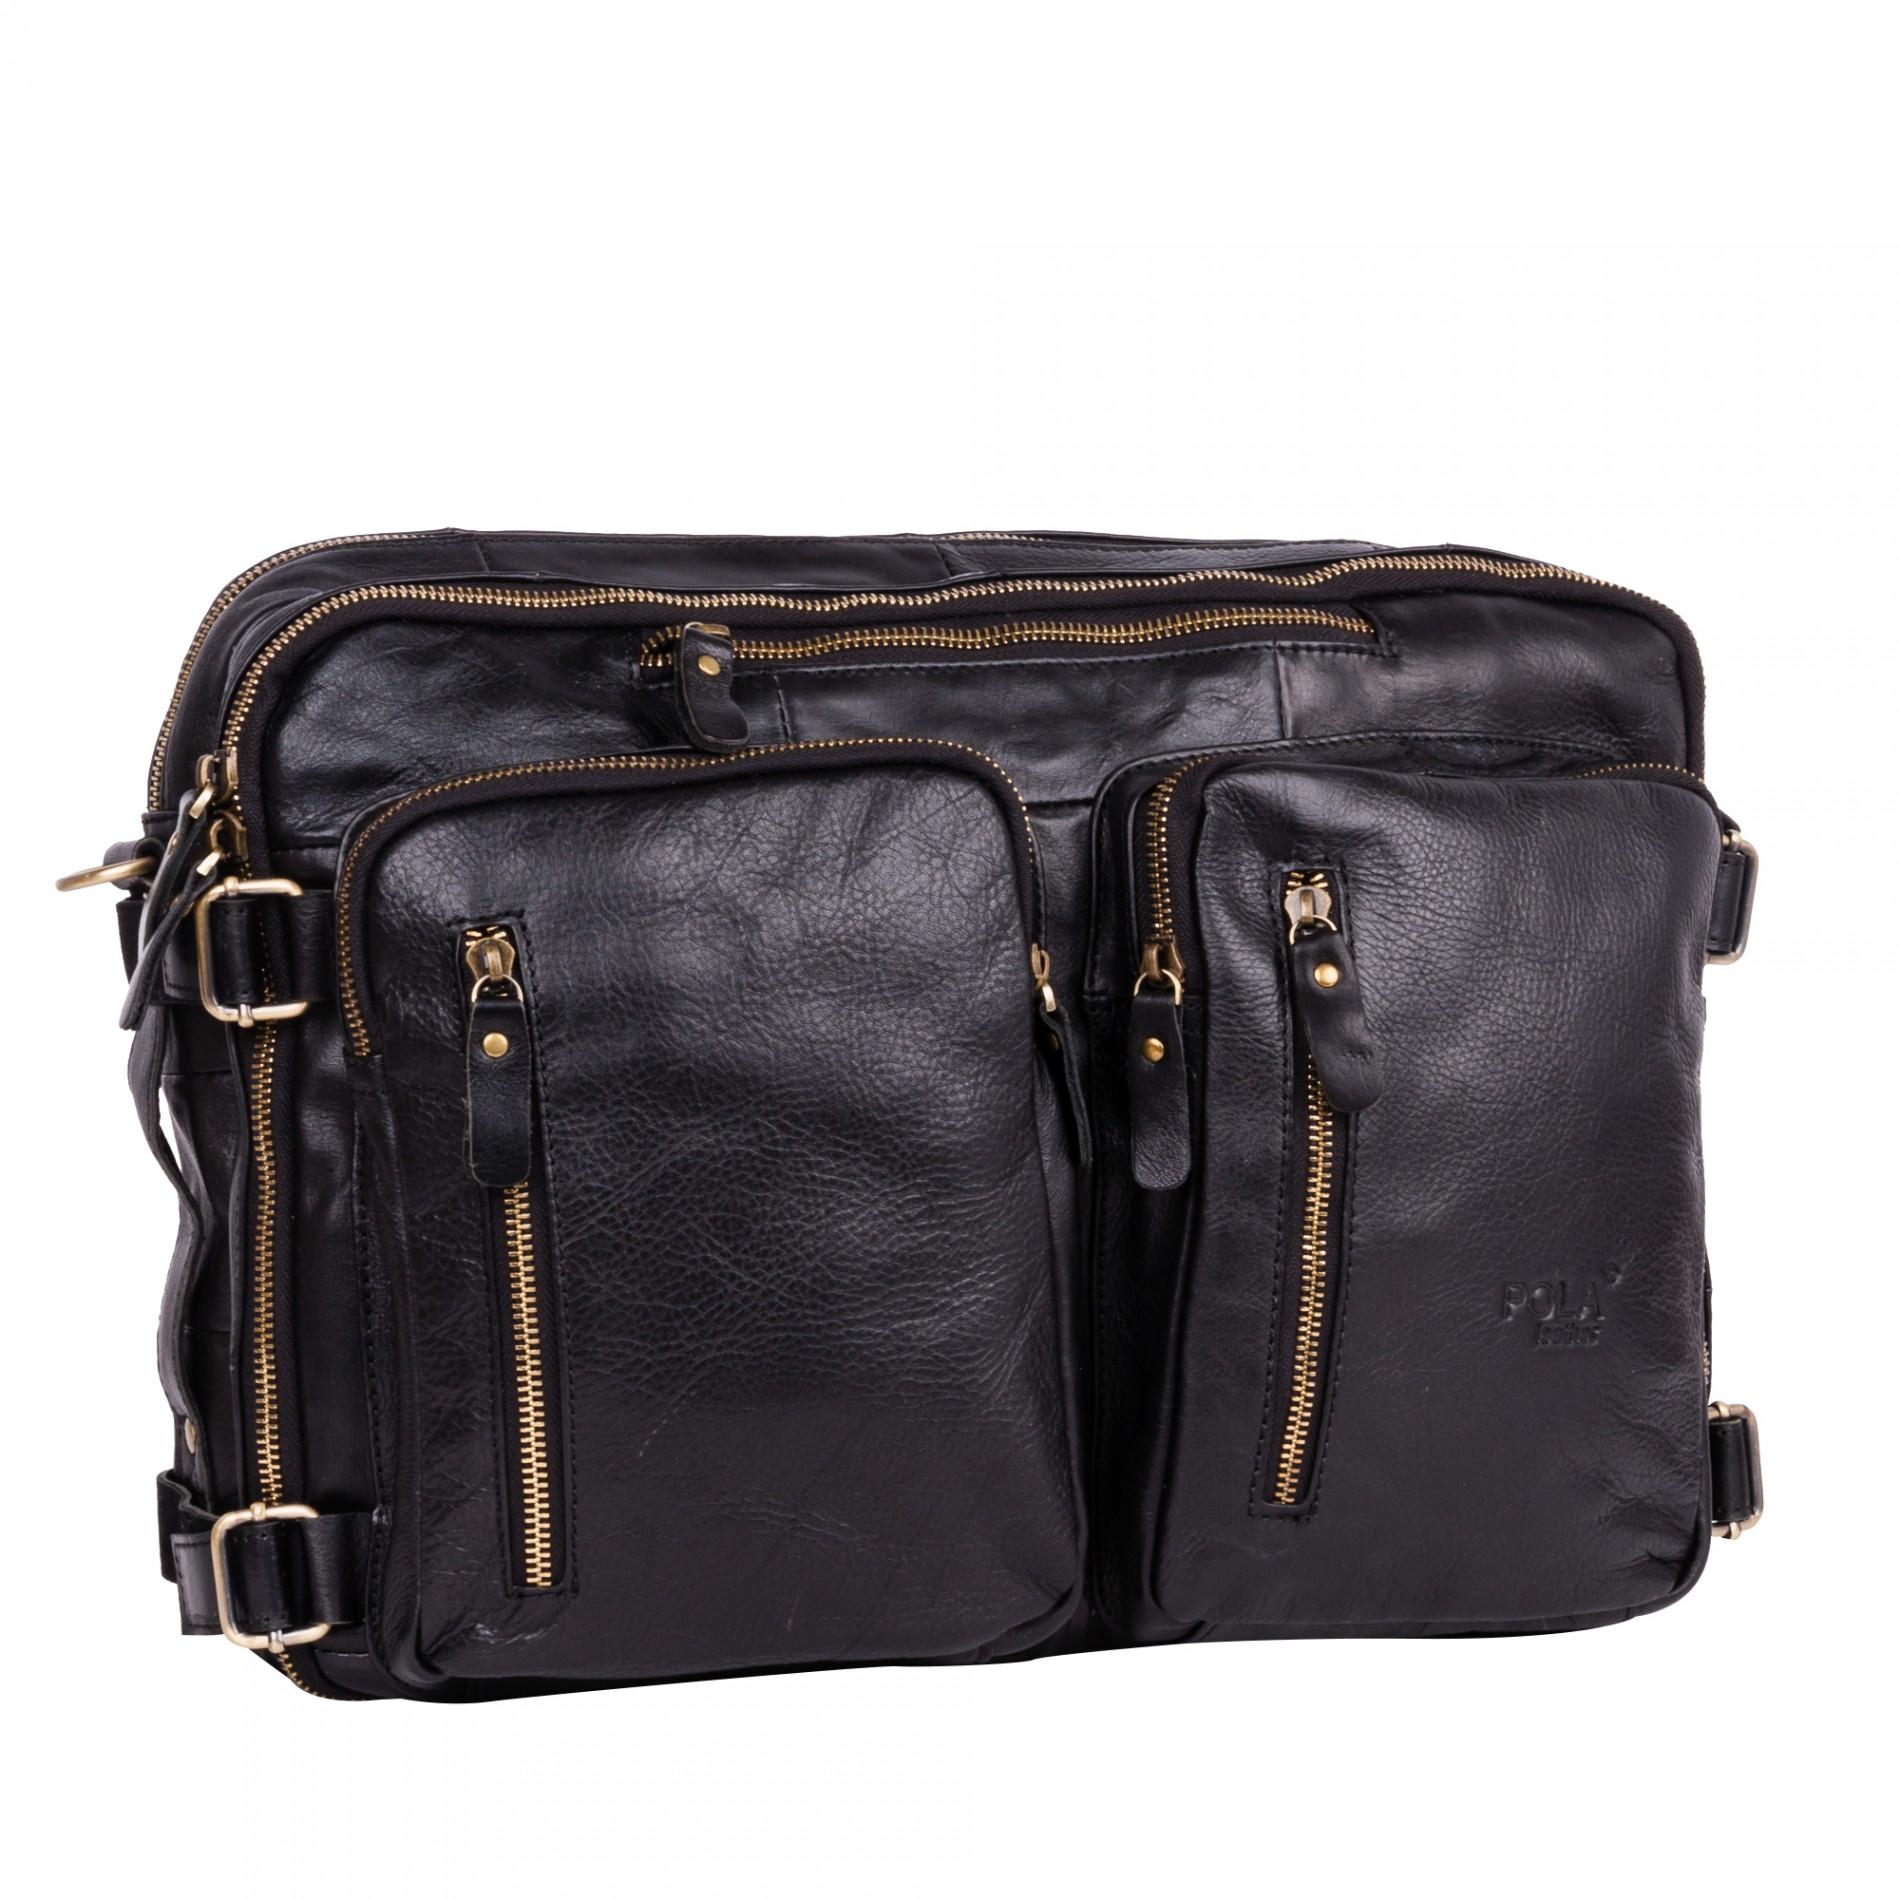 7ff893e0a3d8 Мужская сумка Pola 6031 черная черный купить недорого